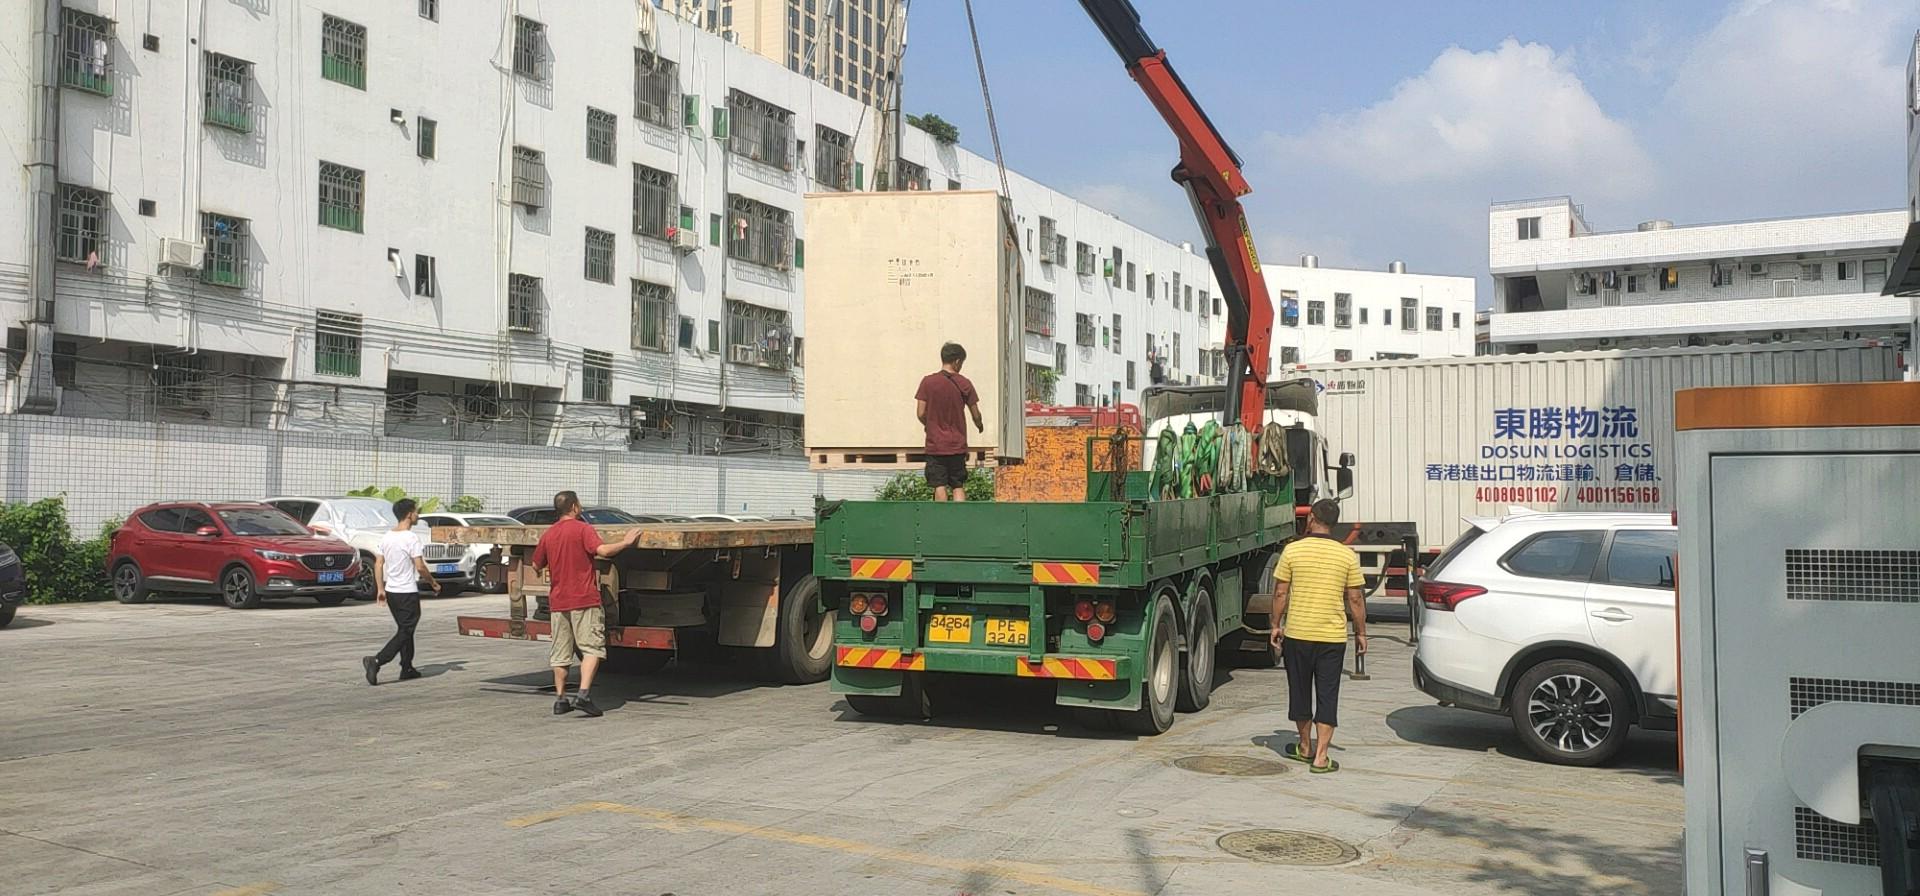 大件货物运输香港,大件物流到香港,东胜物流